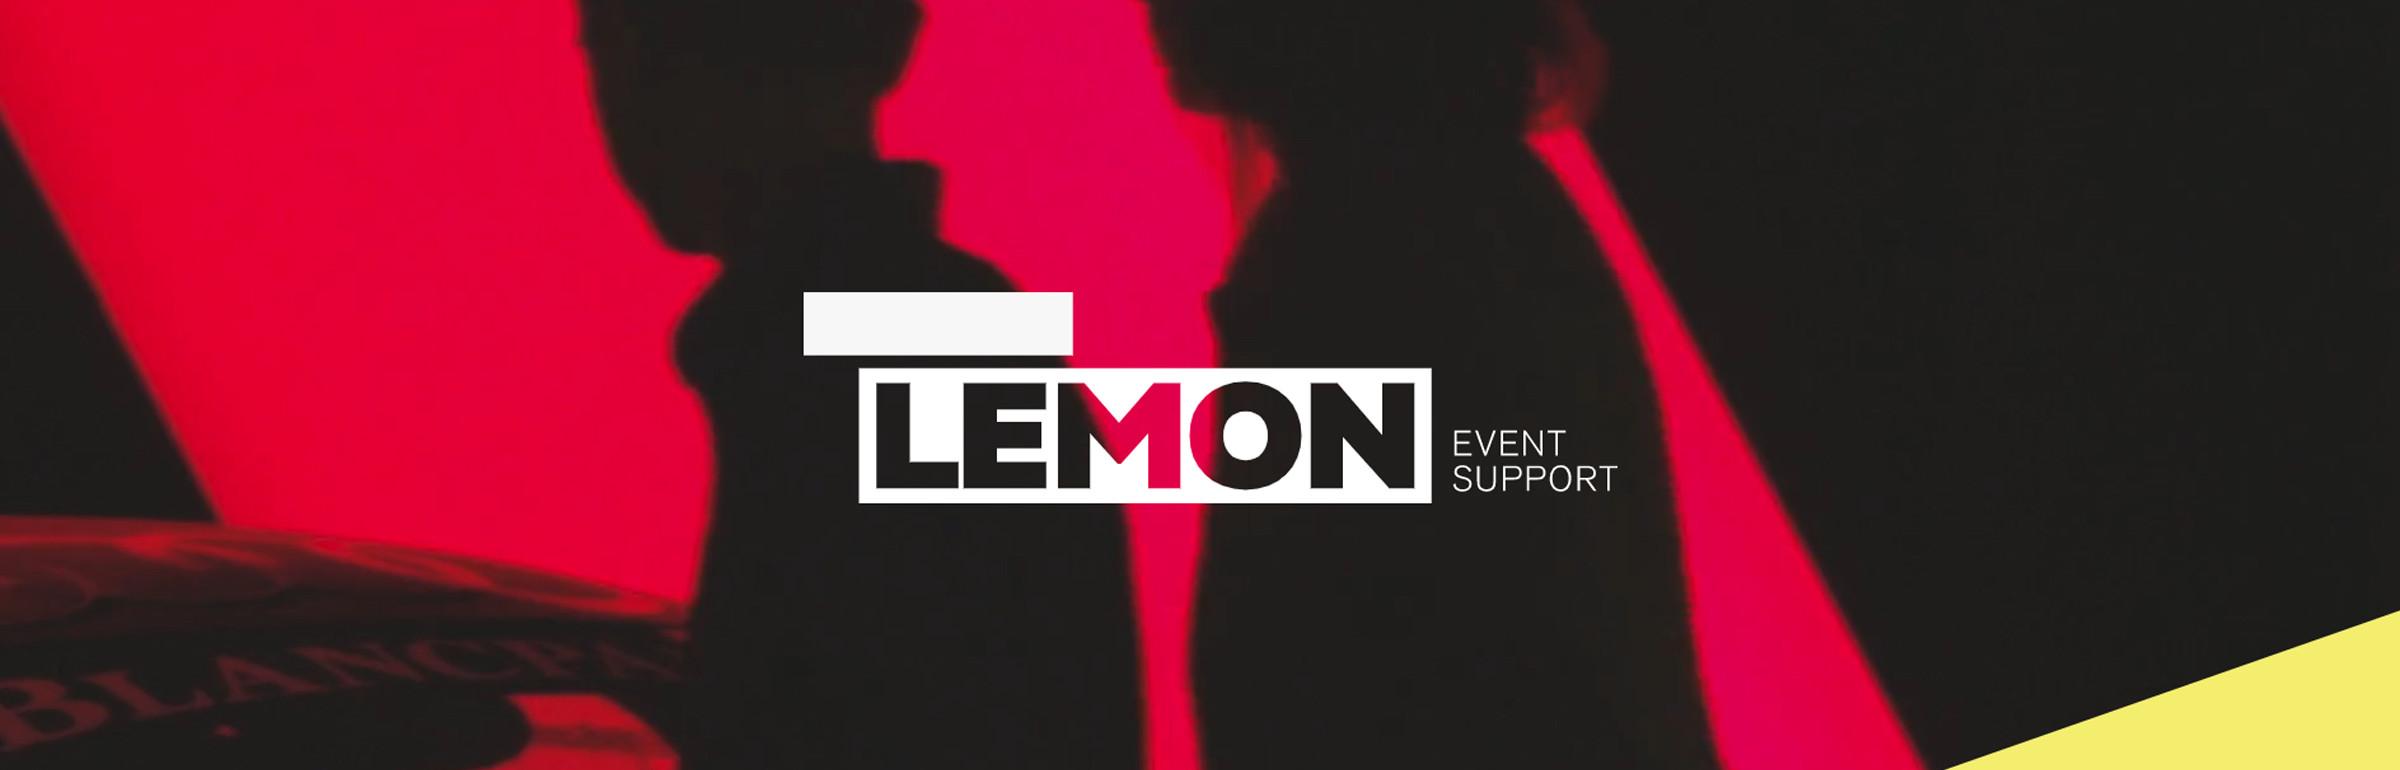 Banner Lemon Event Support